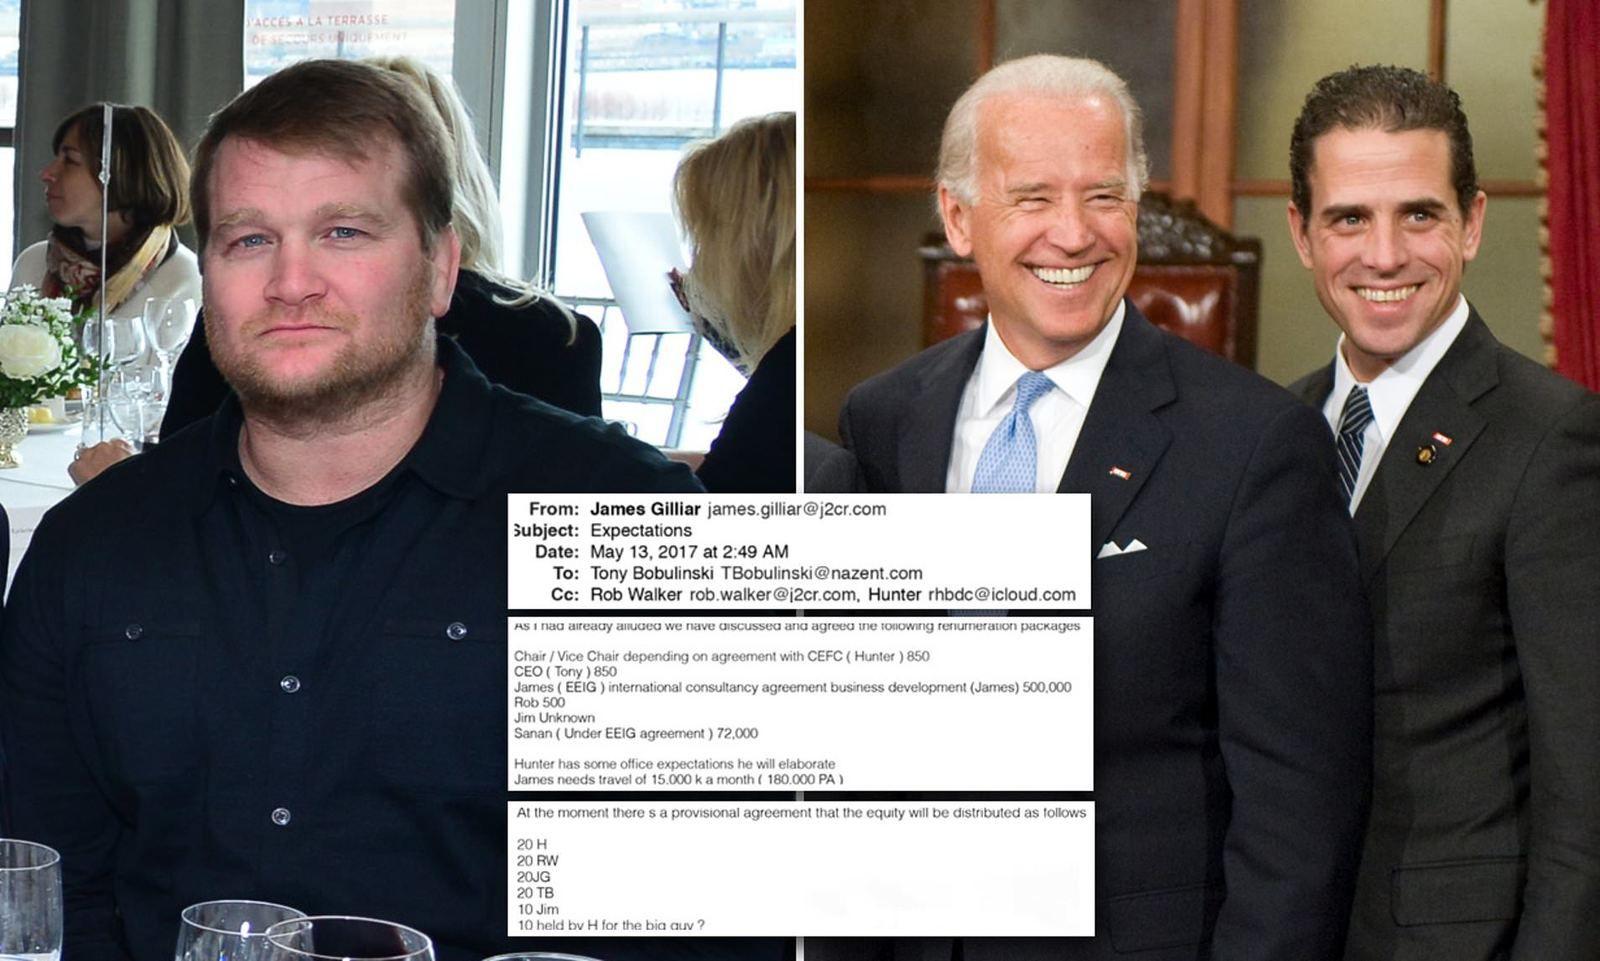 La référence au « Big Guy » dans le courriel du 13 mai 2017, très médiatisé, est en fait une référence à Joe #Biden », a déclaré M. Bobulinski dans une déclaration à Fox News